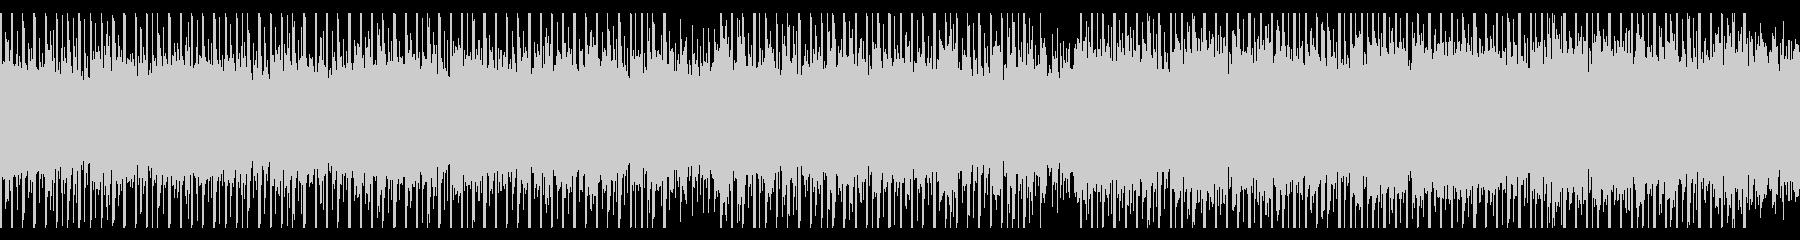 志望(ループ)の未再生の波形